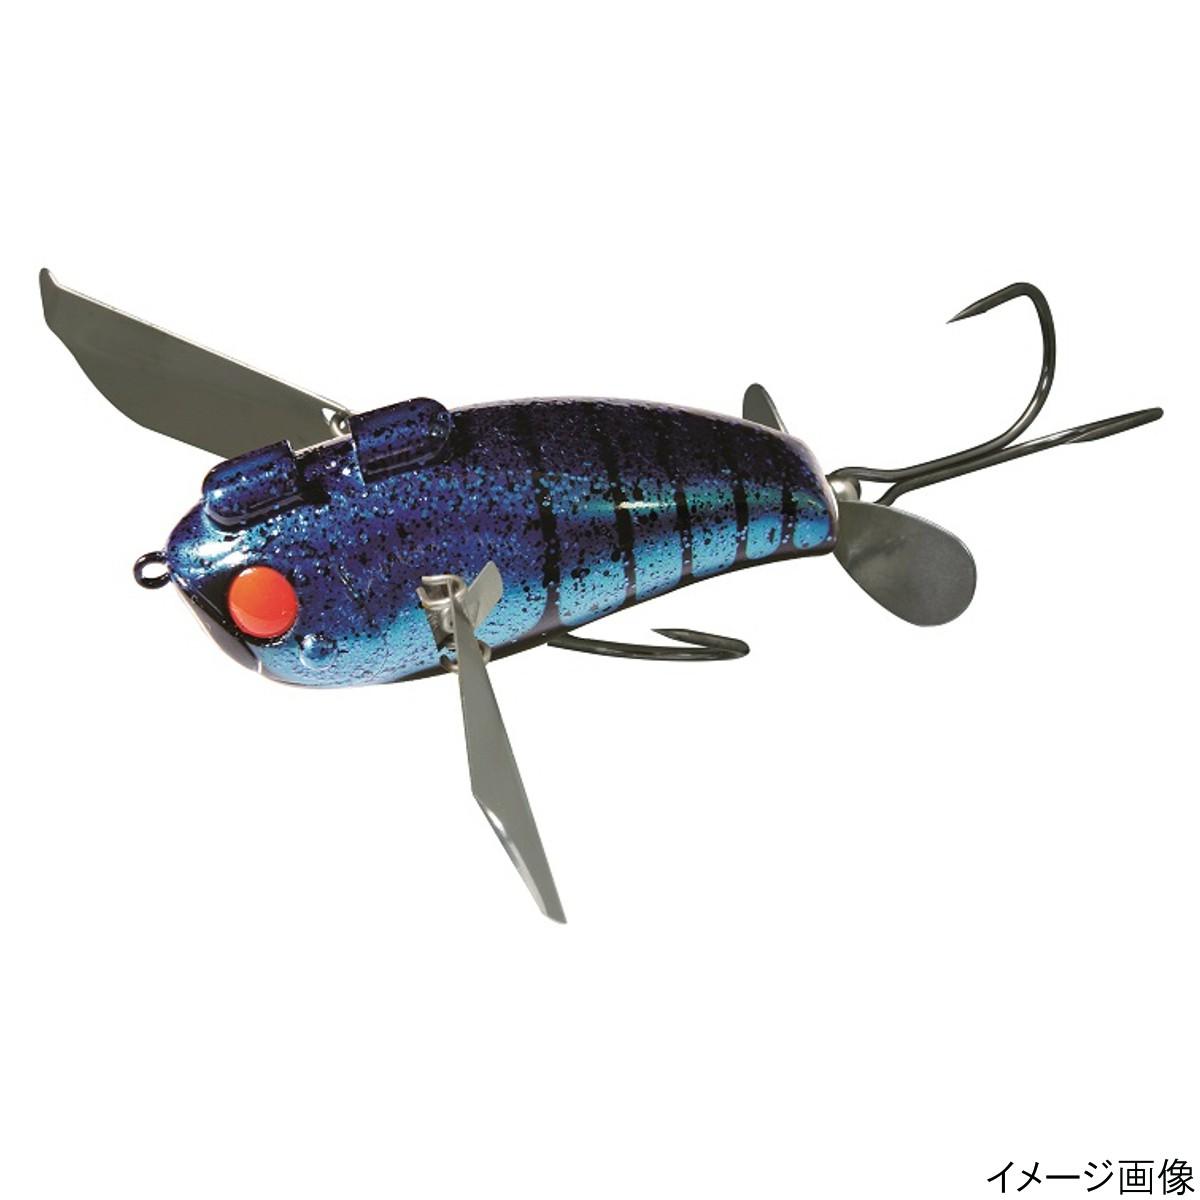 ジャッカル ポンパドールJr. 鯰カスタム ストロング青ザリ(東日本店)